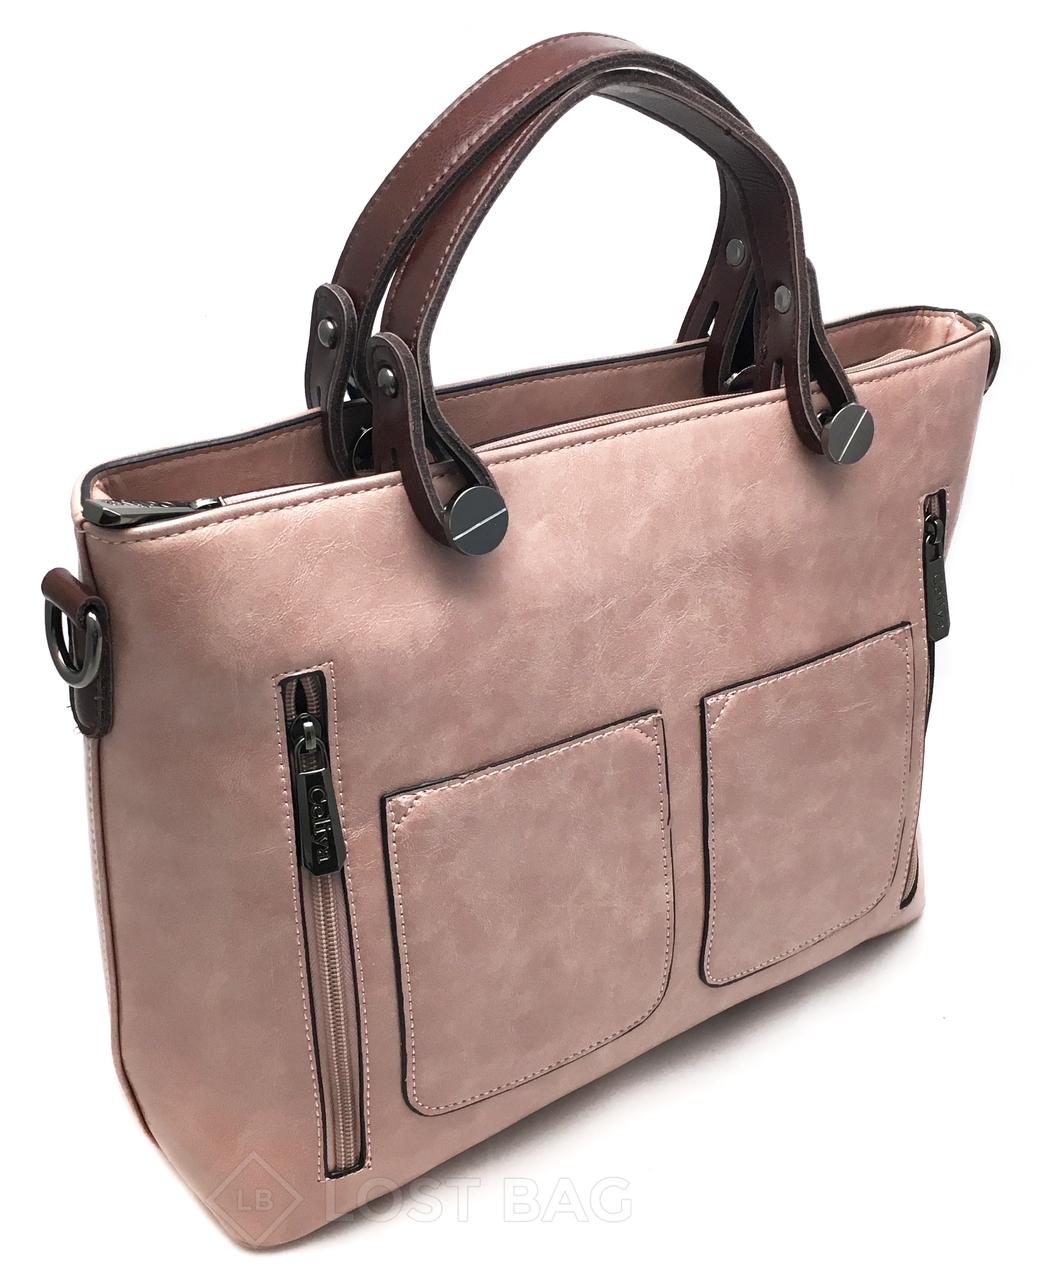 Жіноча сумка репліка Вікторії Бекхем